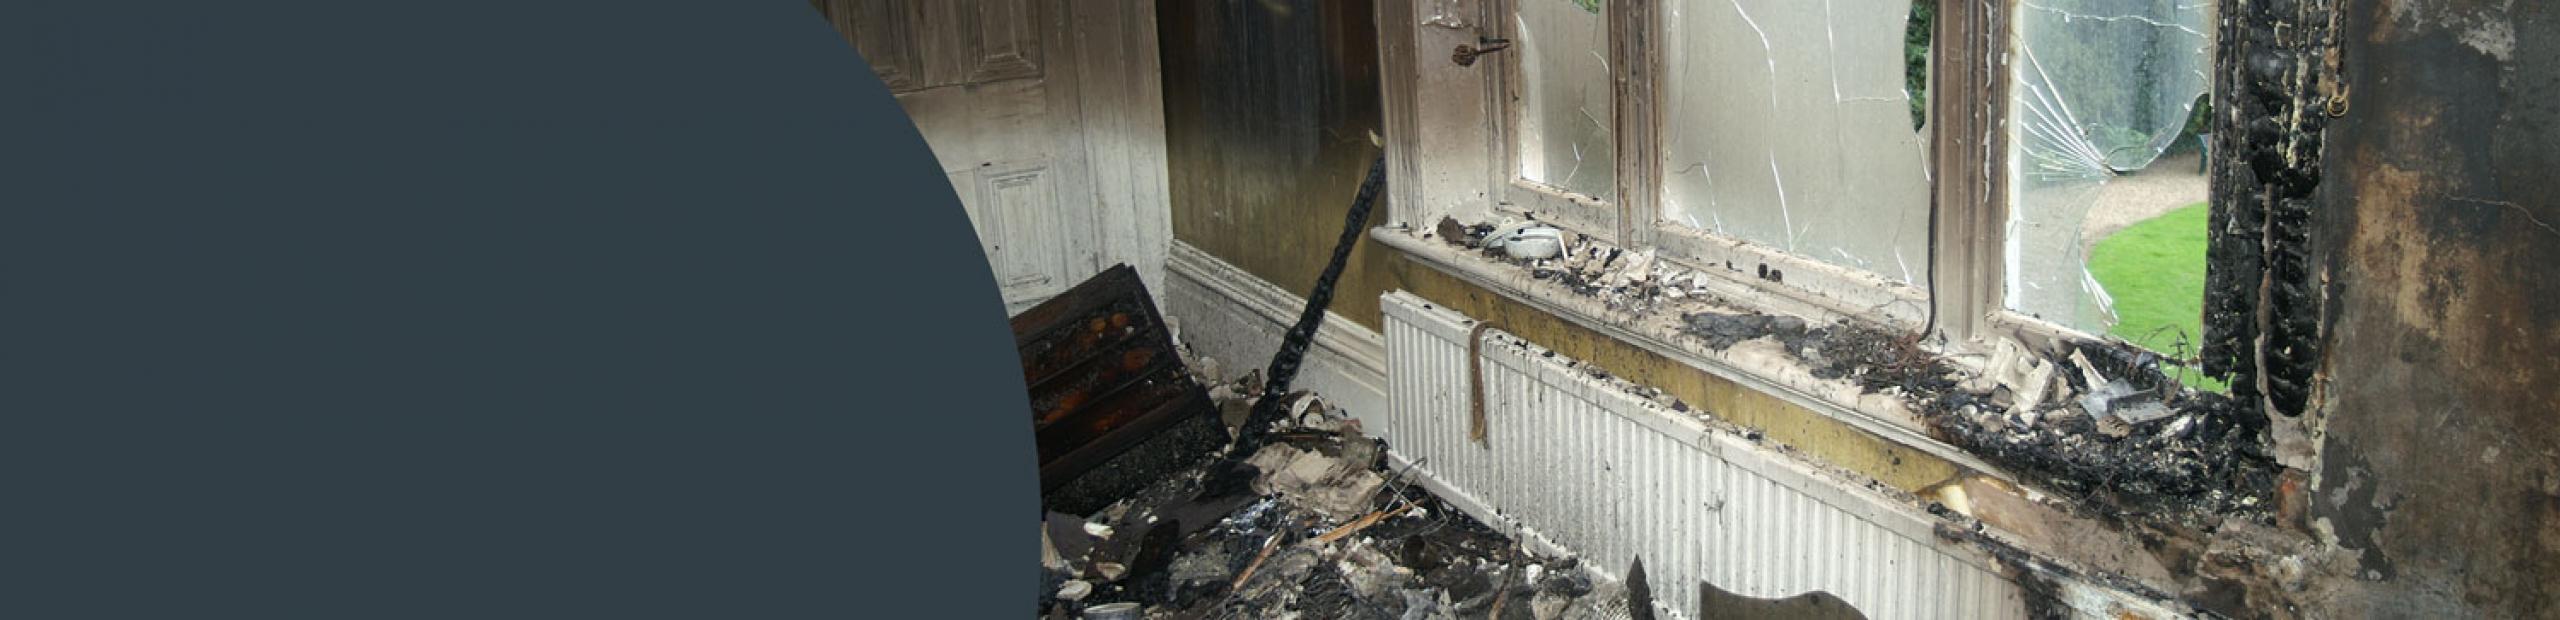 Fire Damage Restoration Ealing